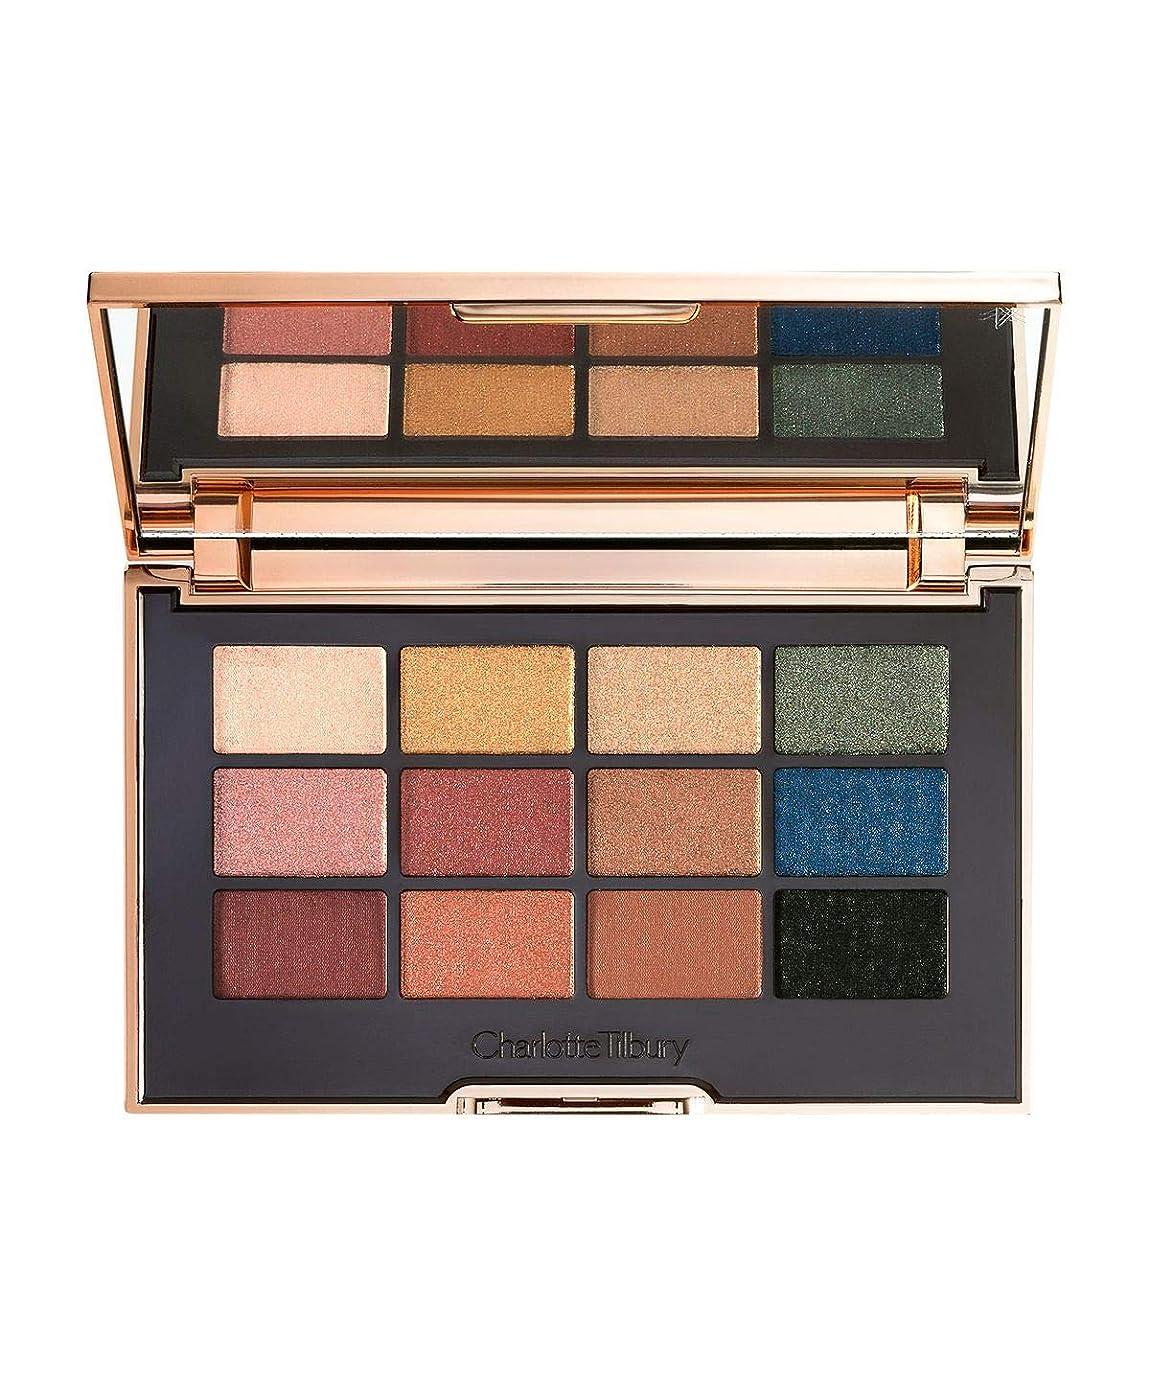 持続的結核スティックCharlotte Tilbury The Icon Eyeshadow Palette